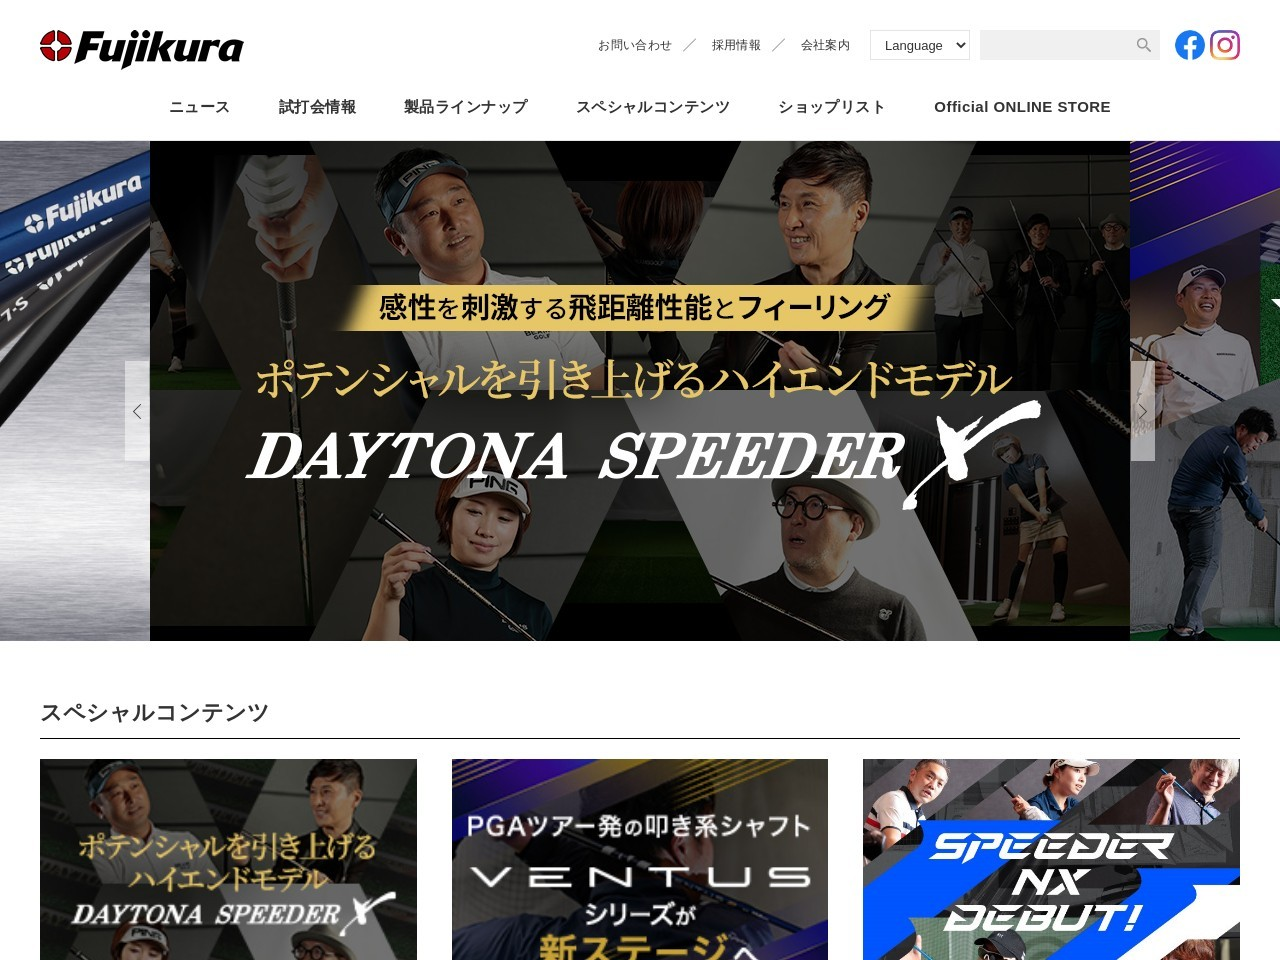 株式会社R&Rフジクラゴルフクラブ相談室大阪店